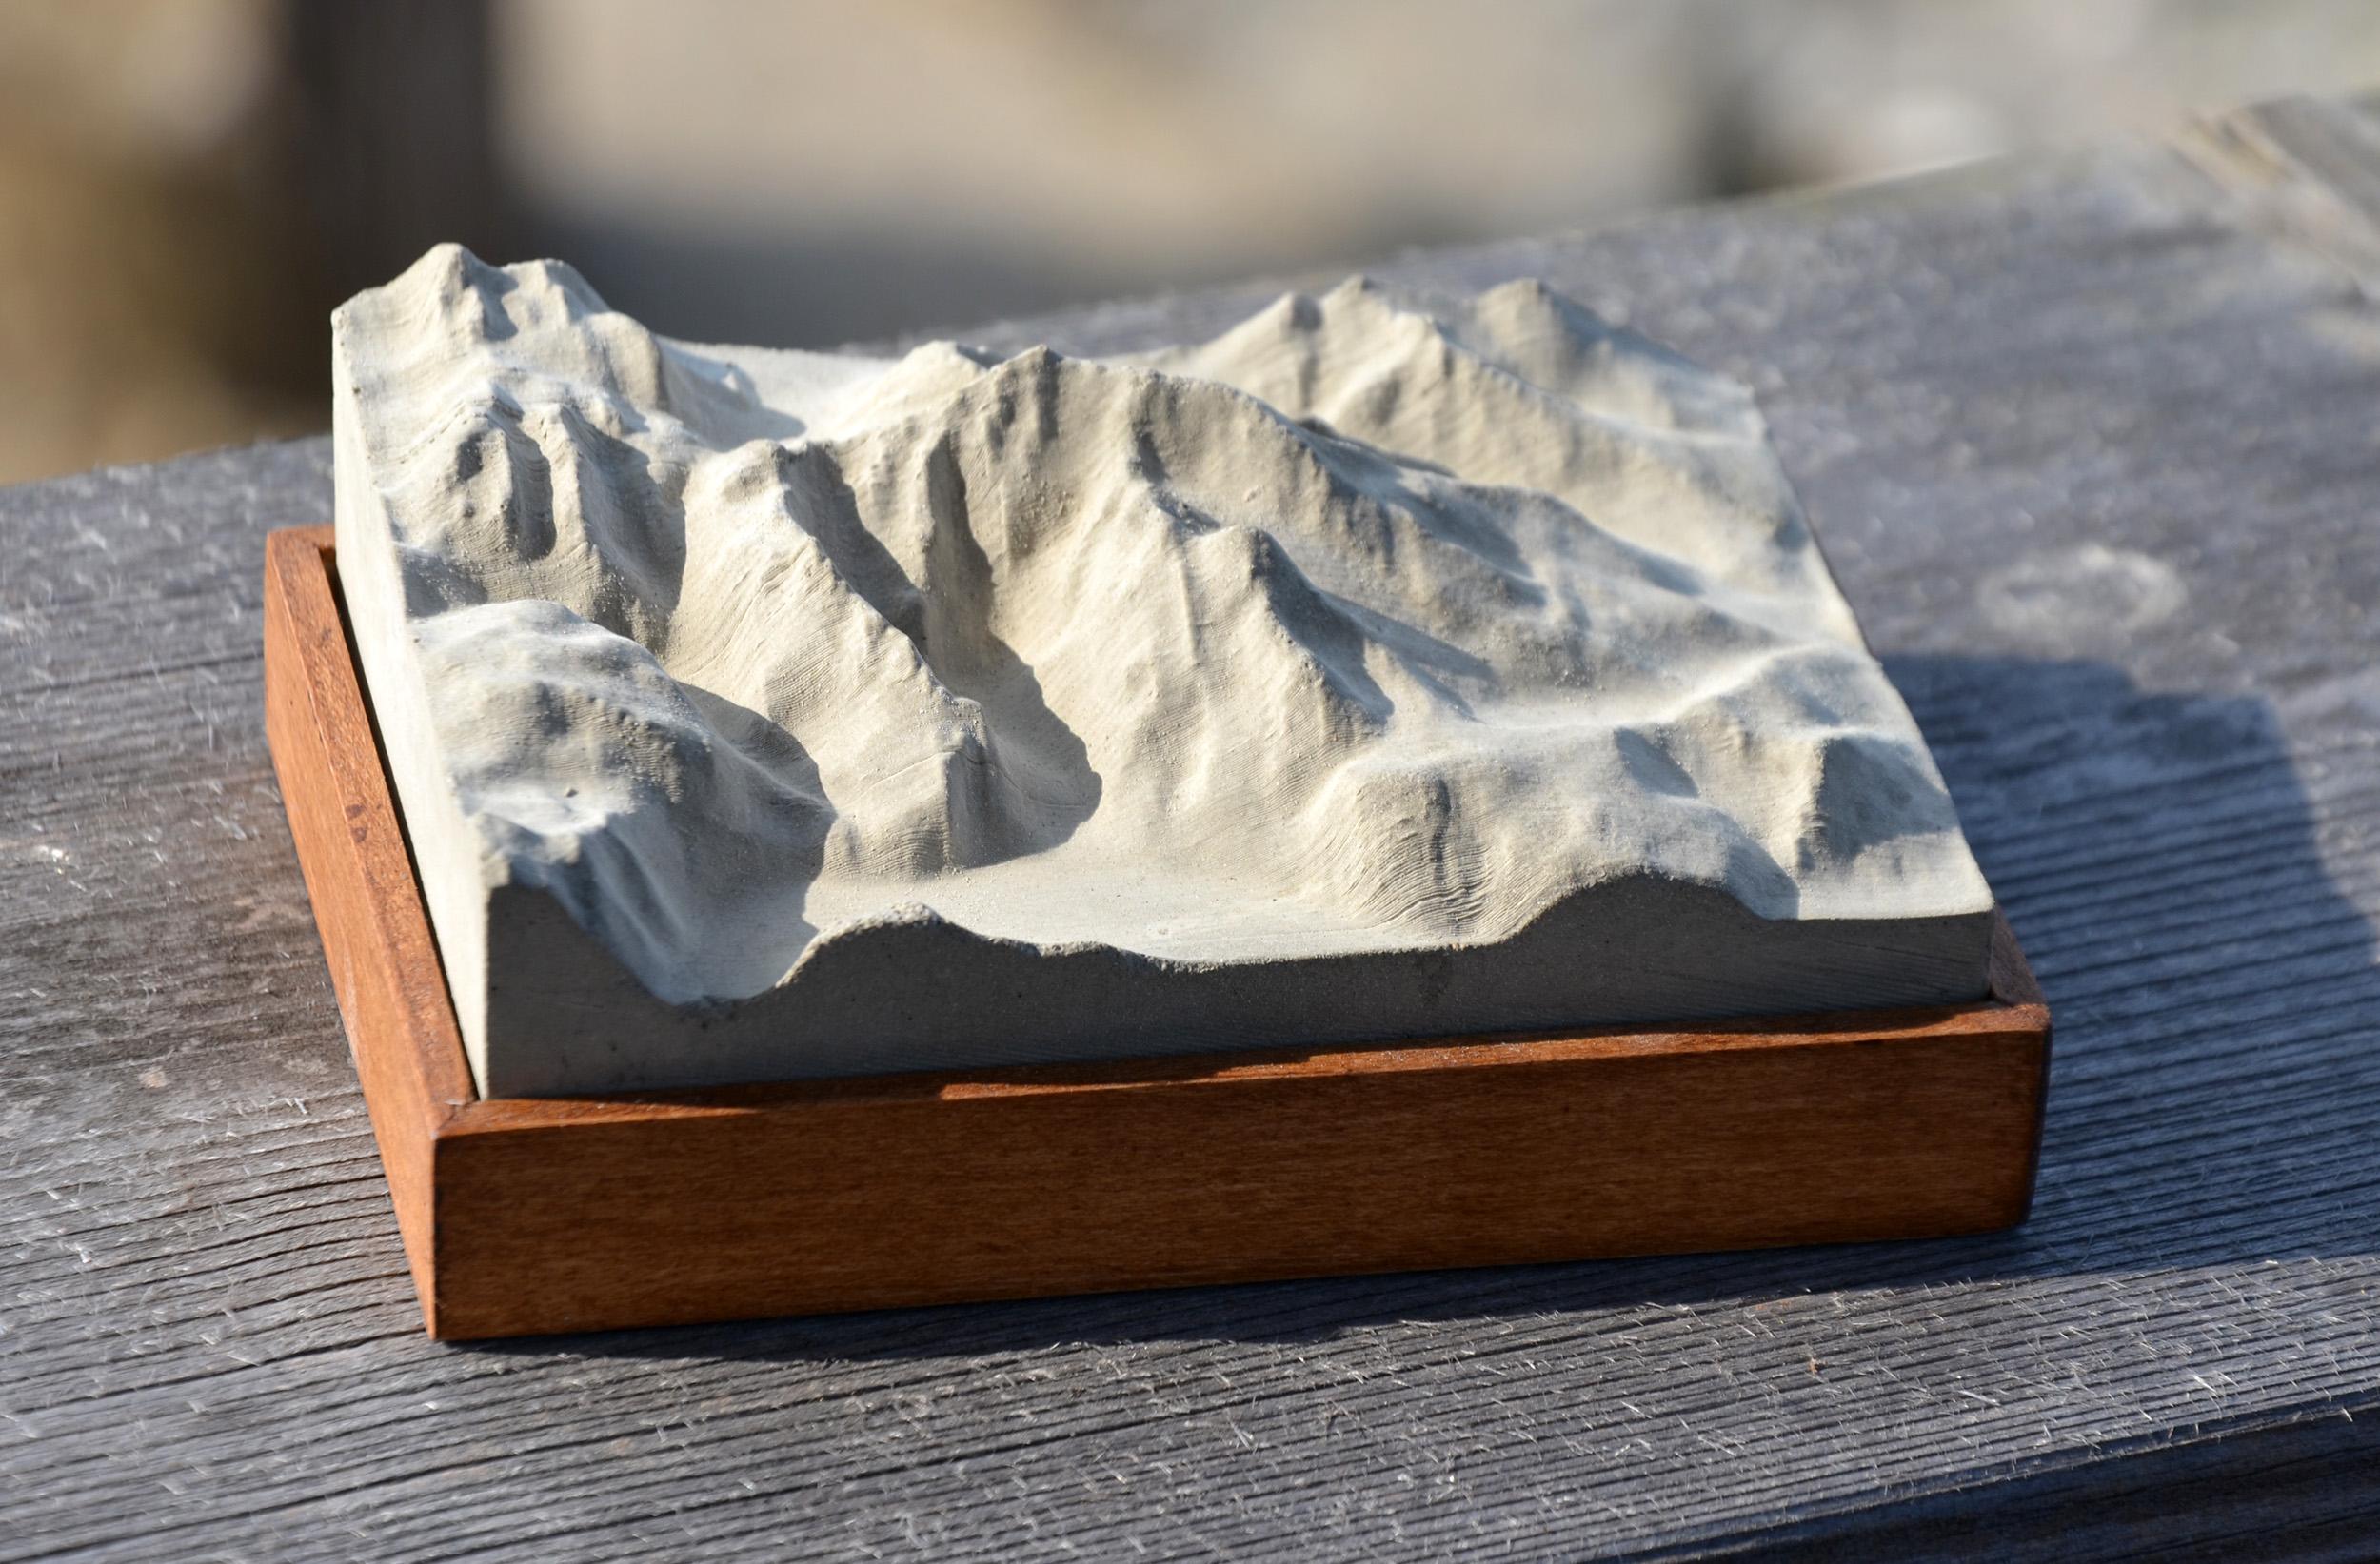 Die Besten Geschenke Fur Wanderer Bergsteiger Und Outdoorfans Enziano Blog